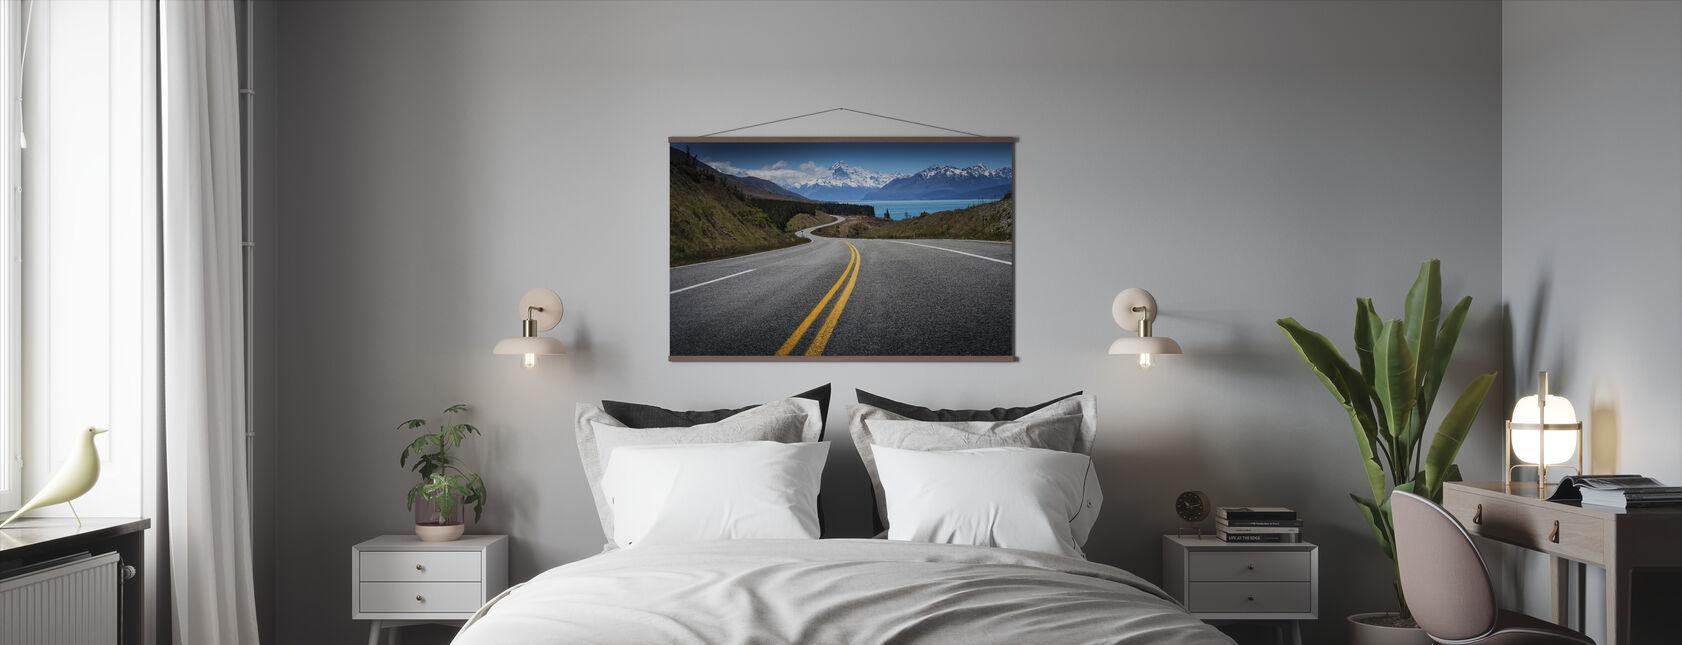 Weg zum Mount Cook - Poster - Schlafzimmer